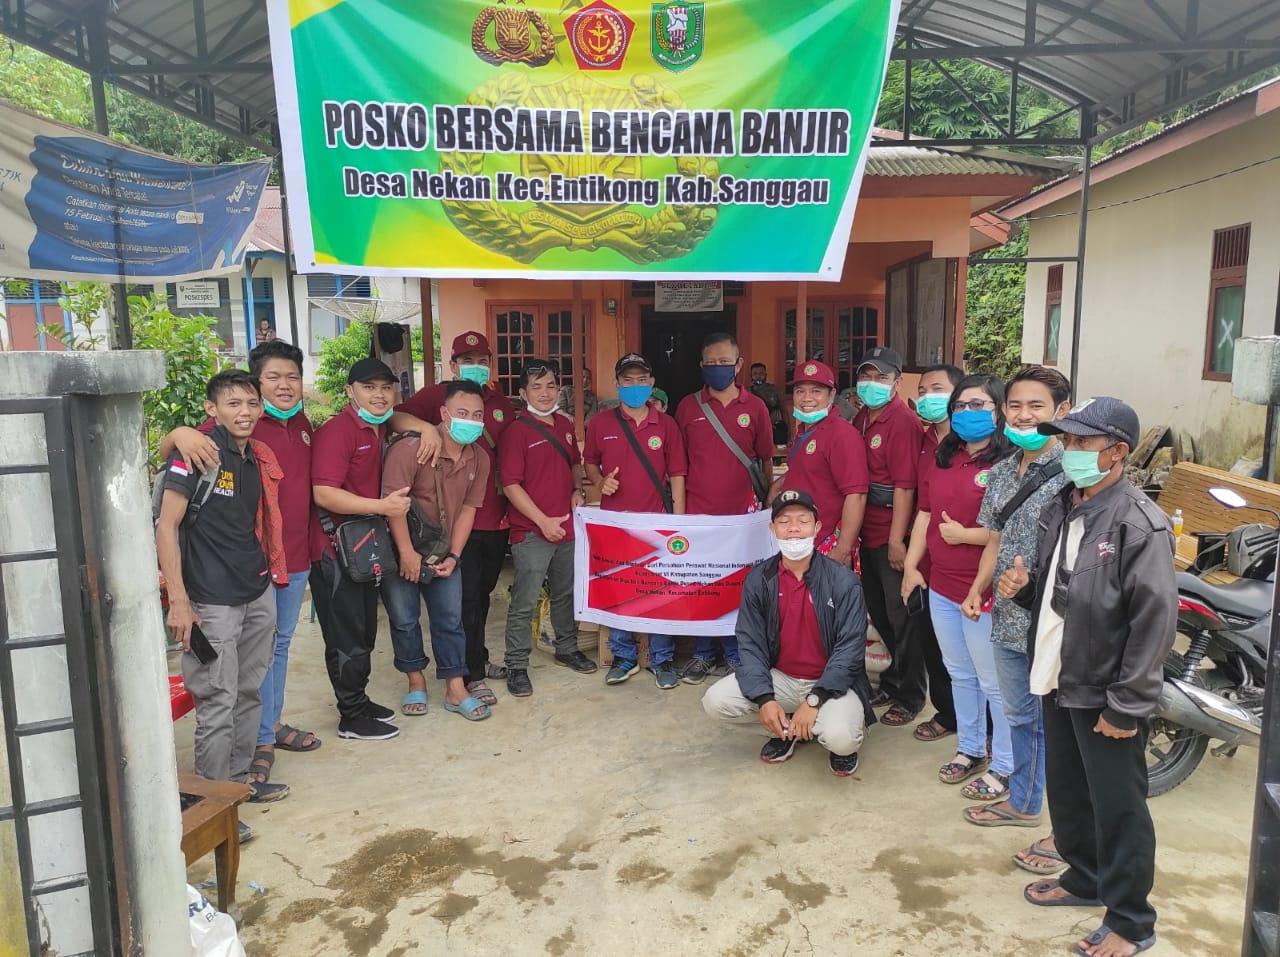 PPNI Sanggau Beri Bantuan Bagi Warga Desa Nekan Kecamatan Entikong Yang Terdampak Banjir Bandang